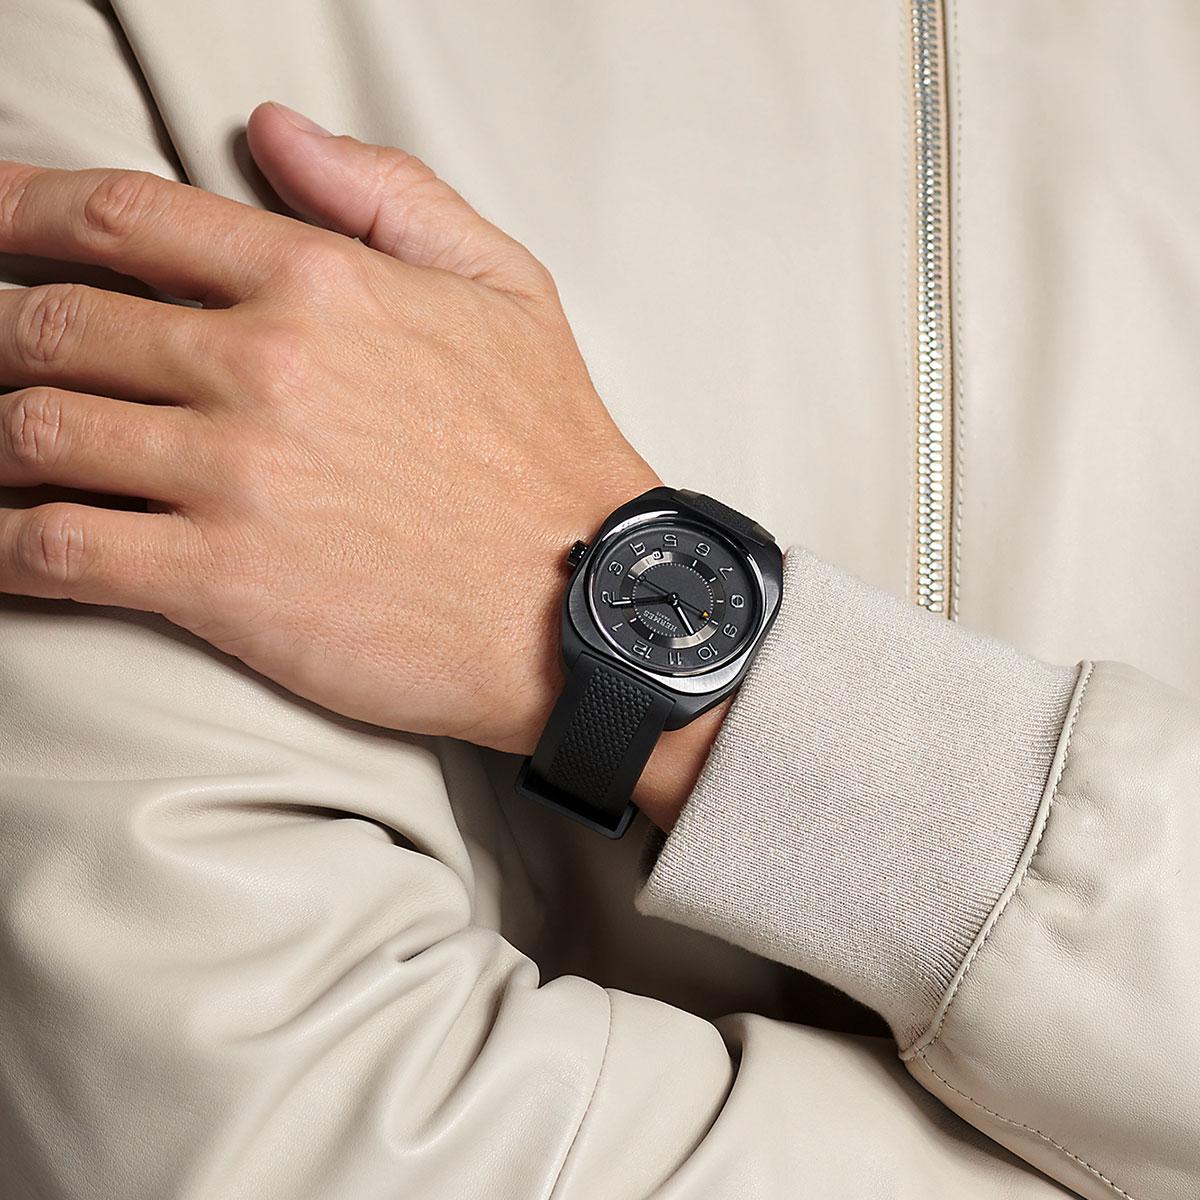 Lần đầu tiên Hermès thiết kế đồng hồ phong cách thể thao 1